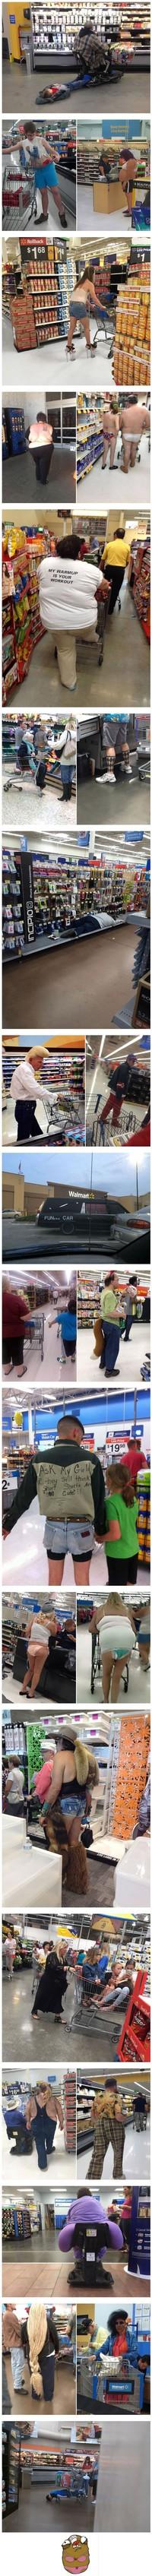 Les gens de Walmart